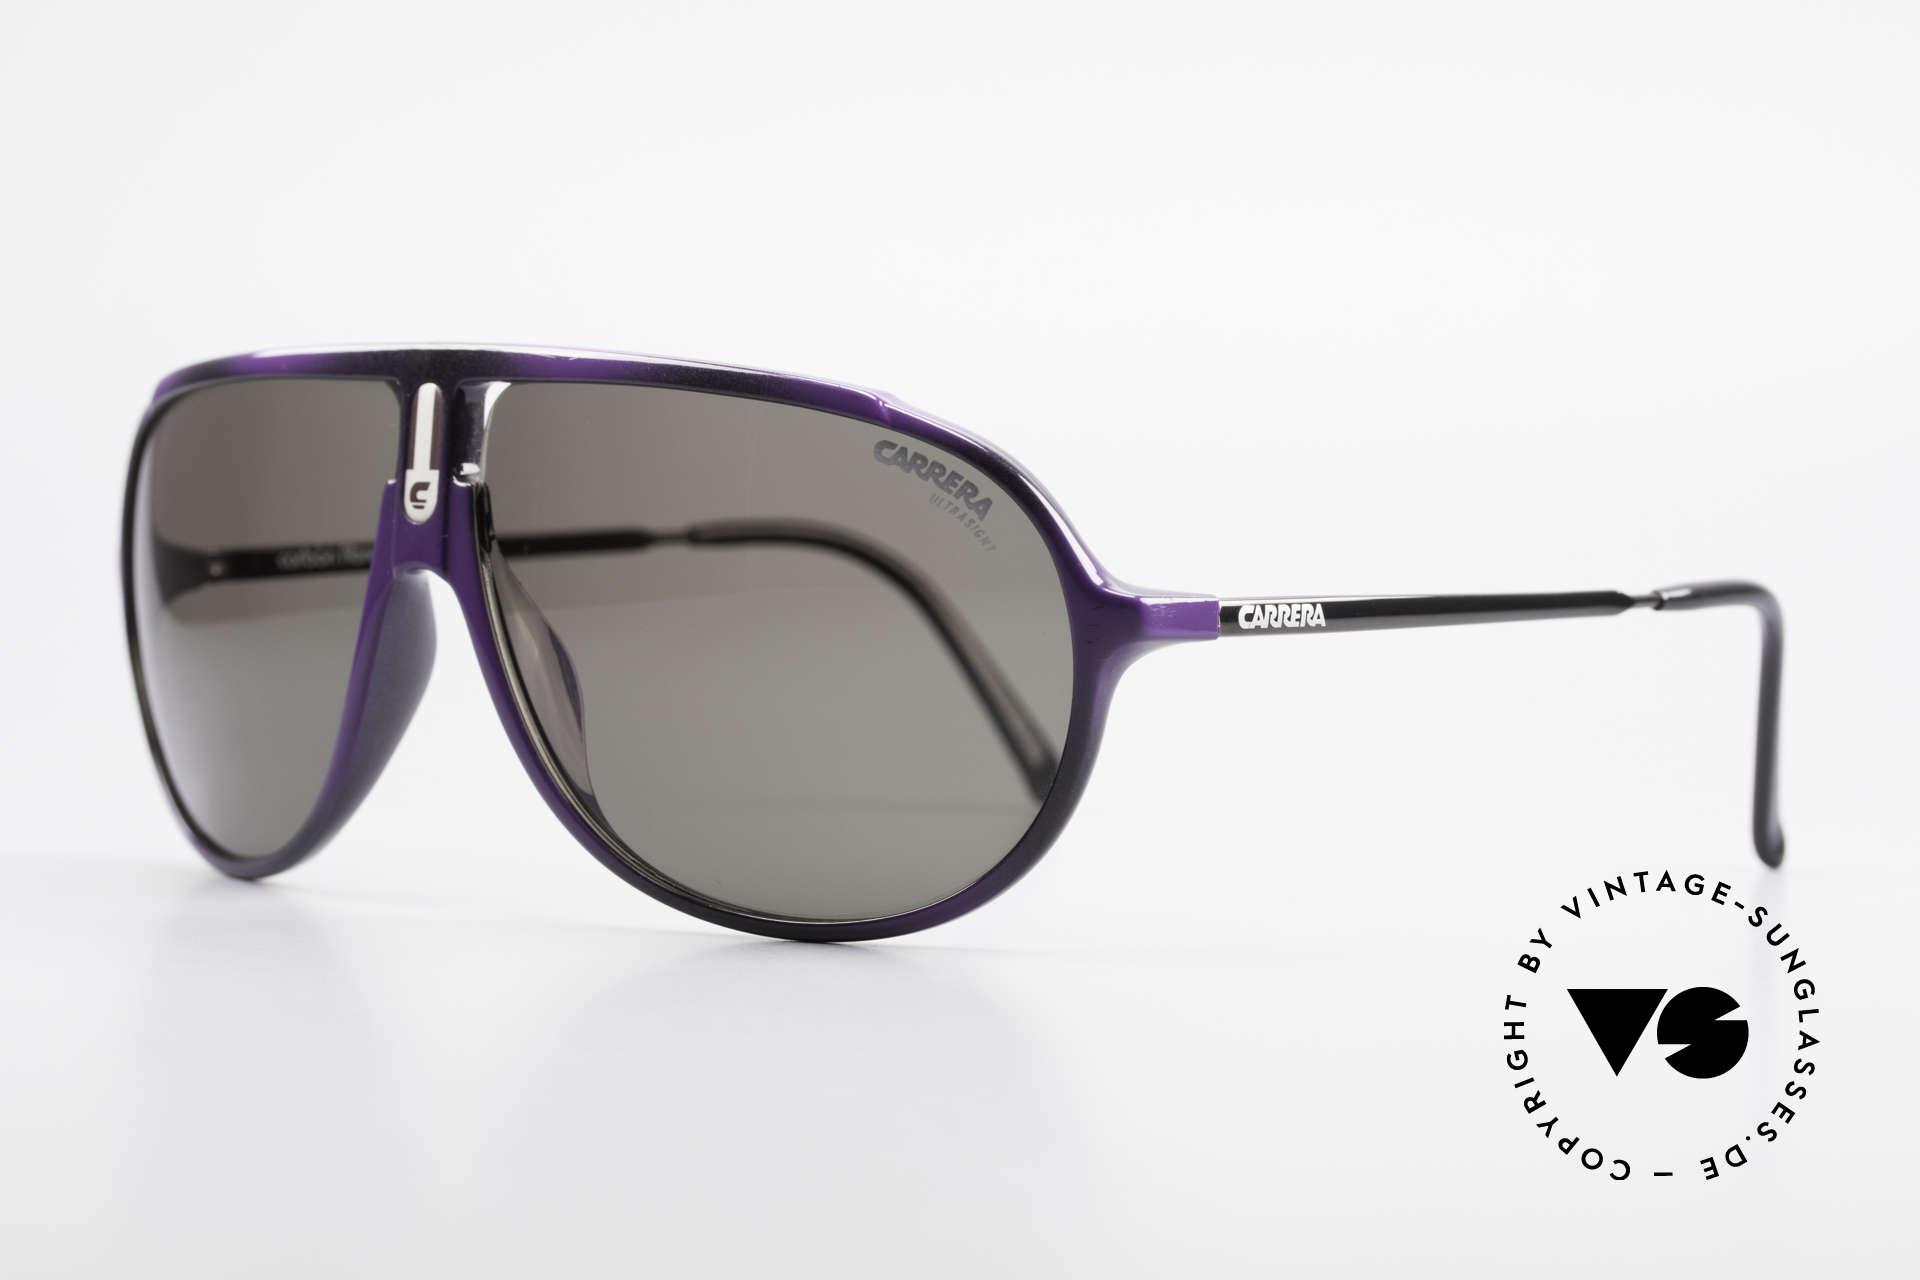 Carrera 5467 Carbon Fibre Brille Kohlefaser, klassische Pilotenbrillenform in seltener Farbe, Passend für Herren